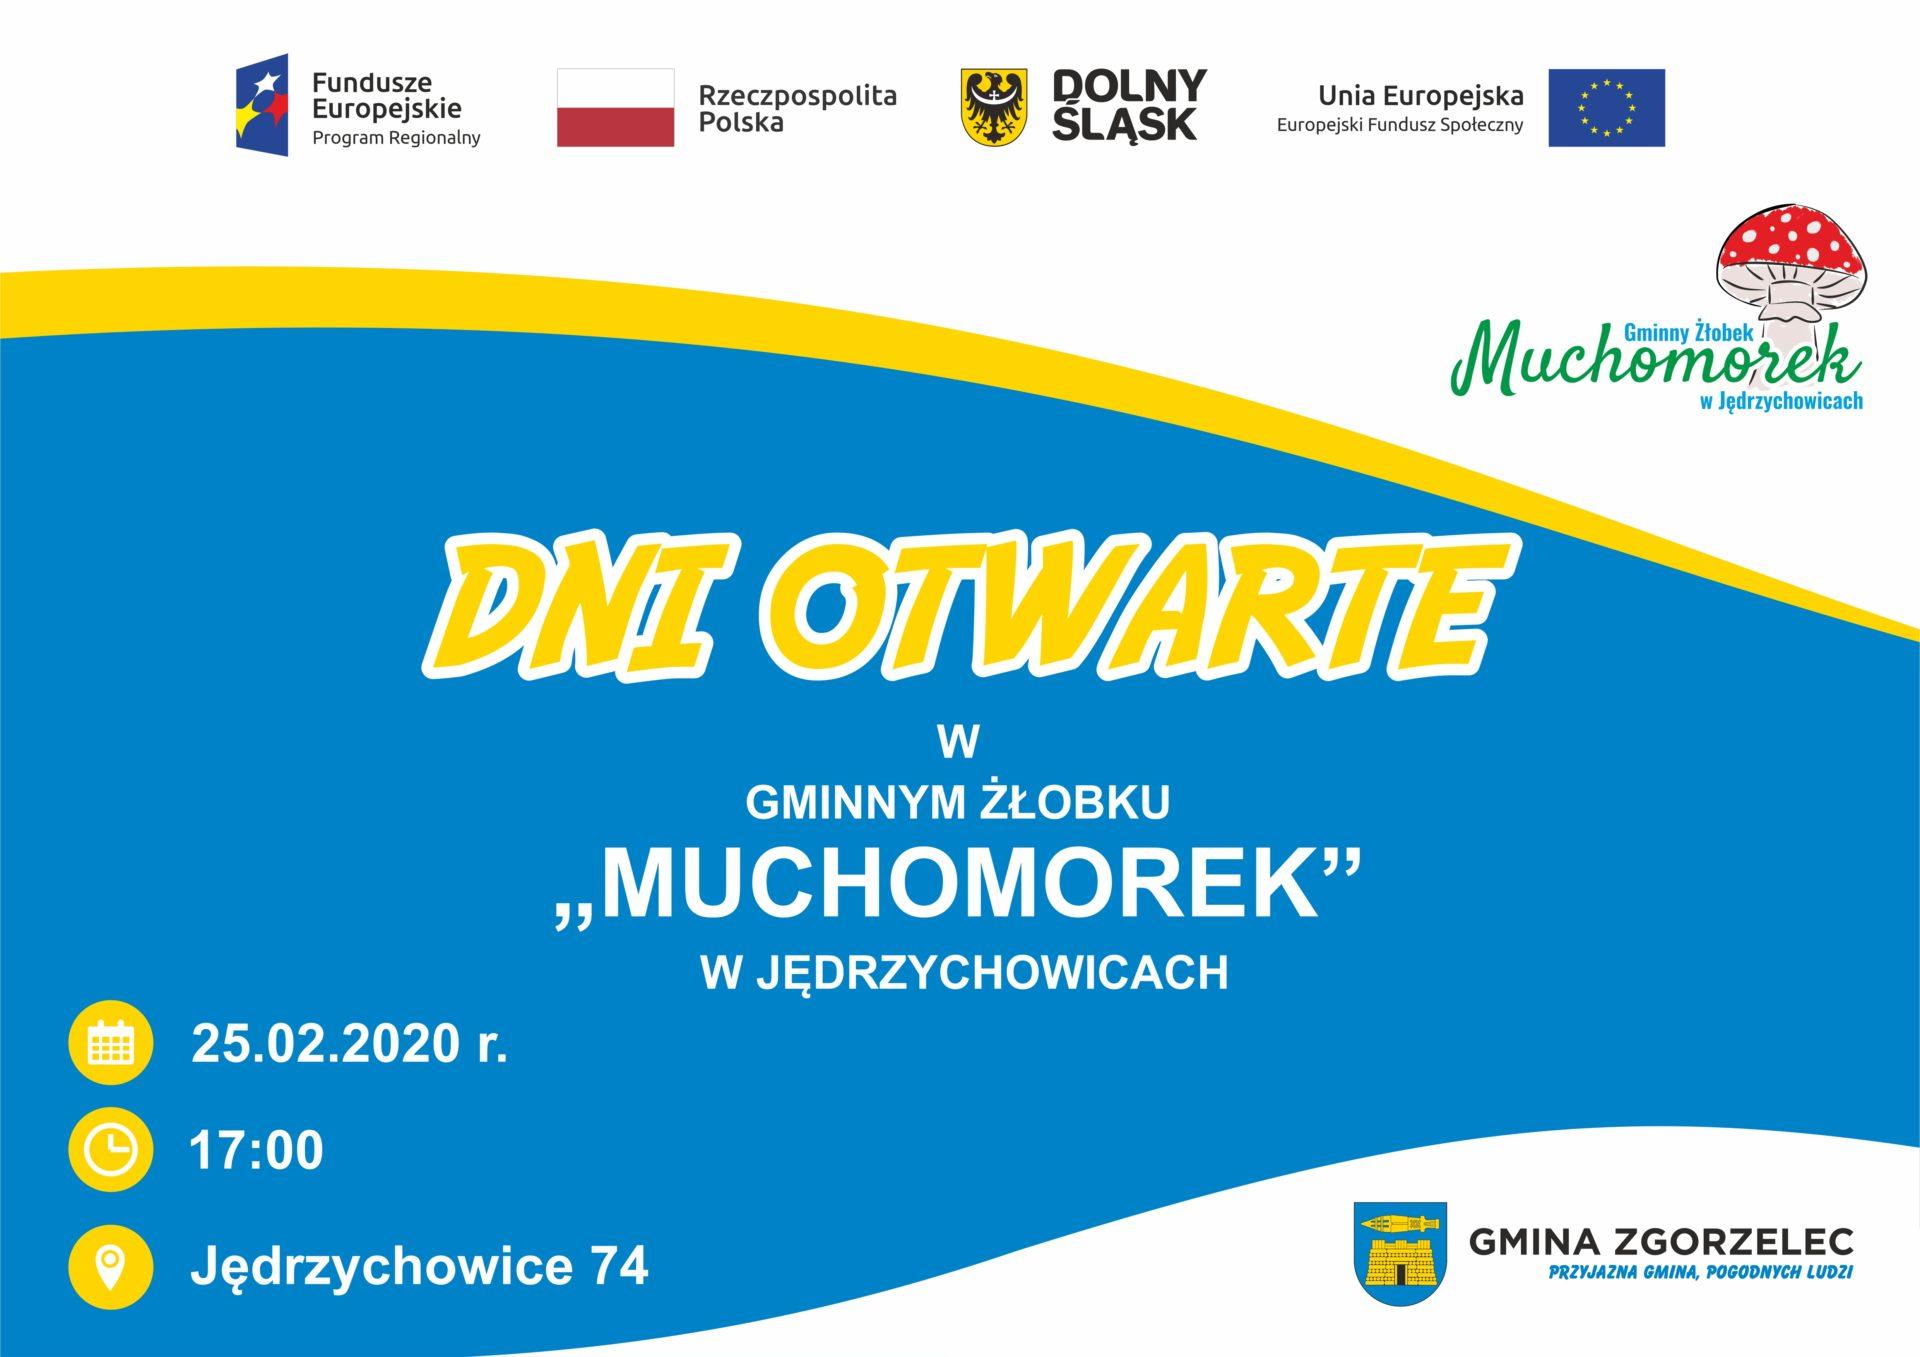 """Dni otwarte w Gminnym Żłobku """"Muchomorek"""" w Jędrzychowicach"""